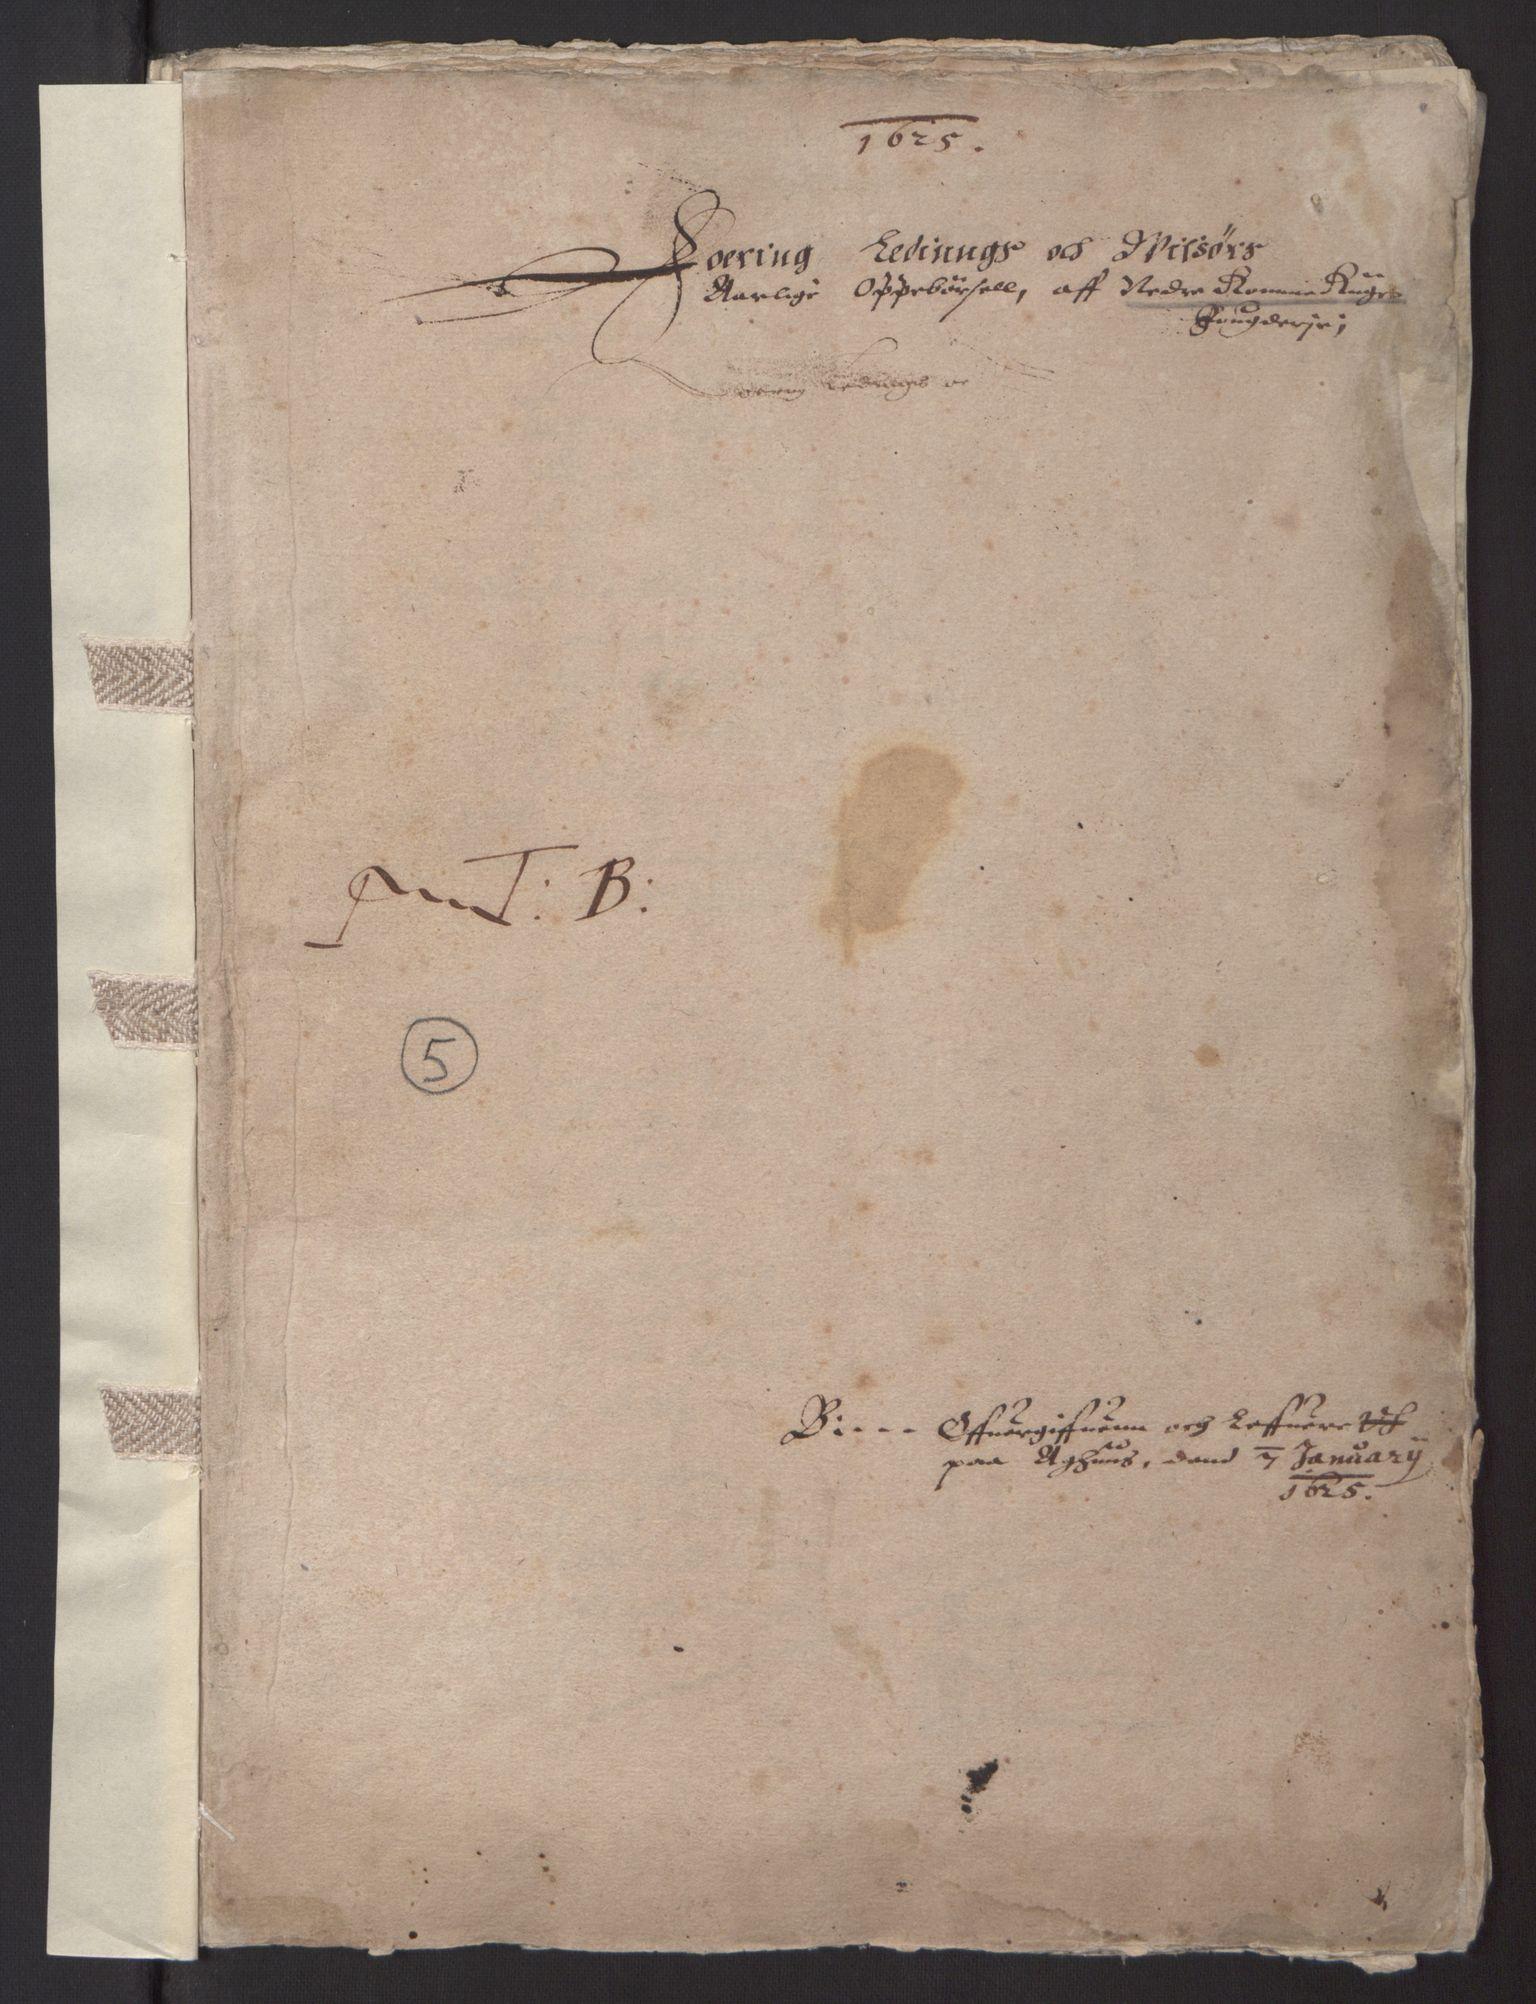 RA, Stattholderembetet 1572-1771, Ek/L0001: Jordebøker før 1624 og til utligning av garnisonsskatt 1624-1626:, 1624-1625, s. 132